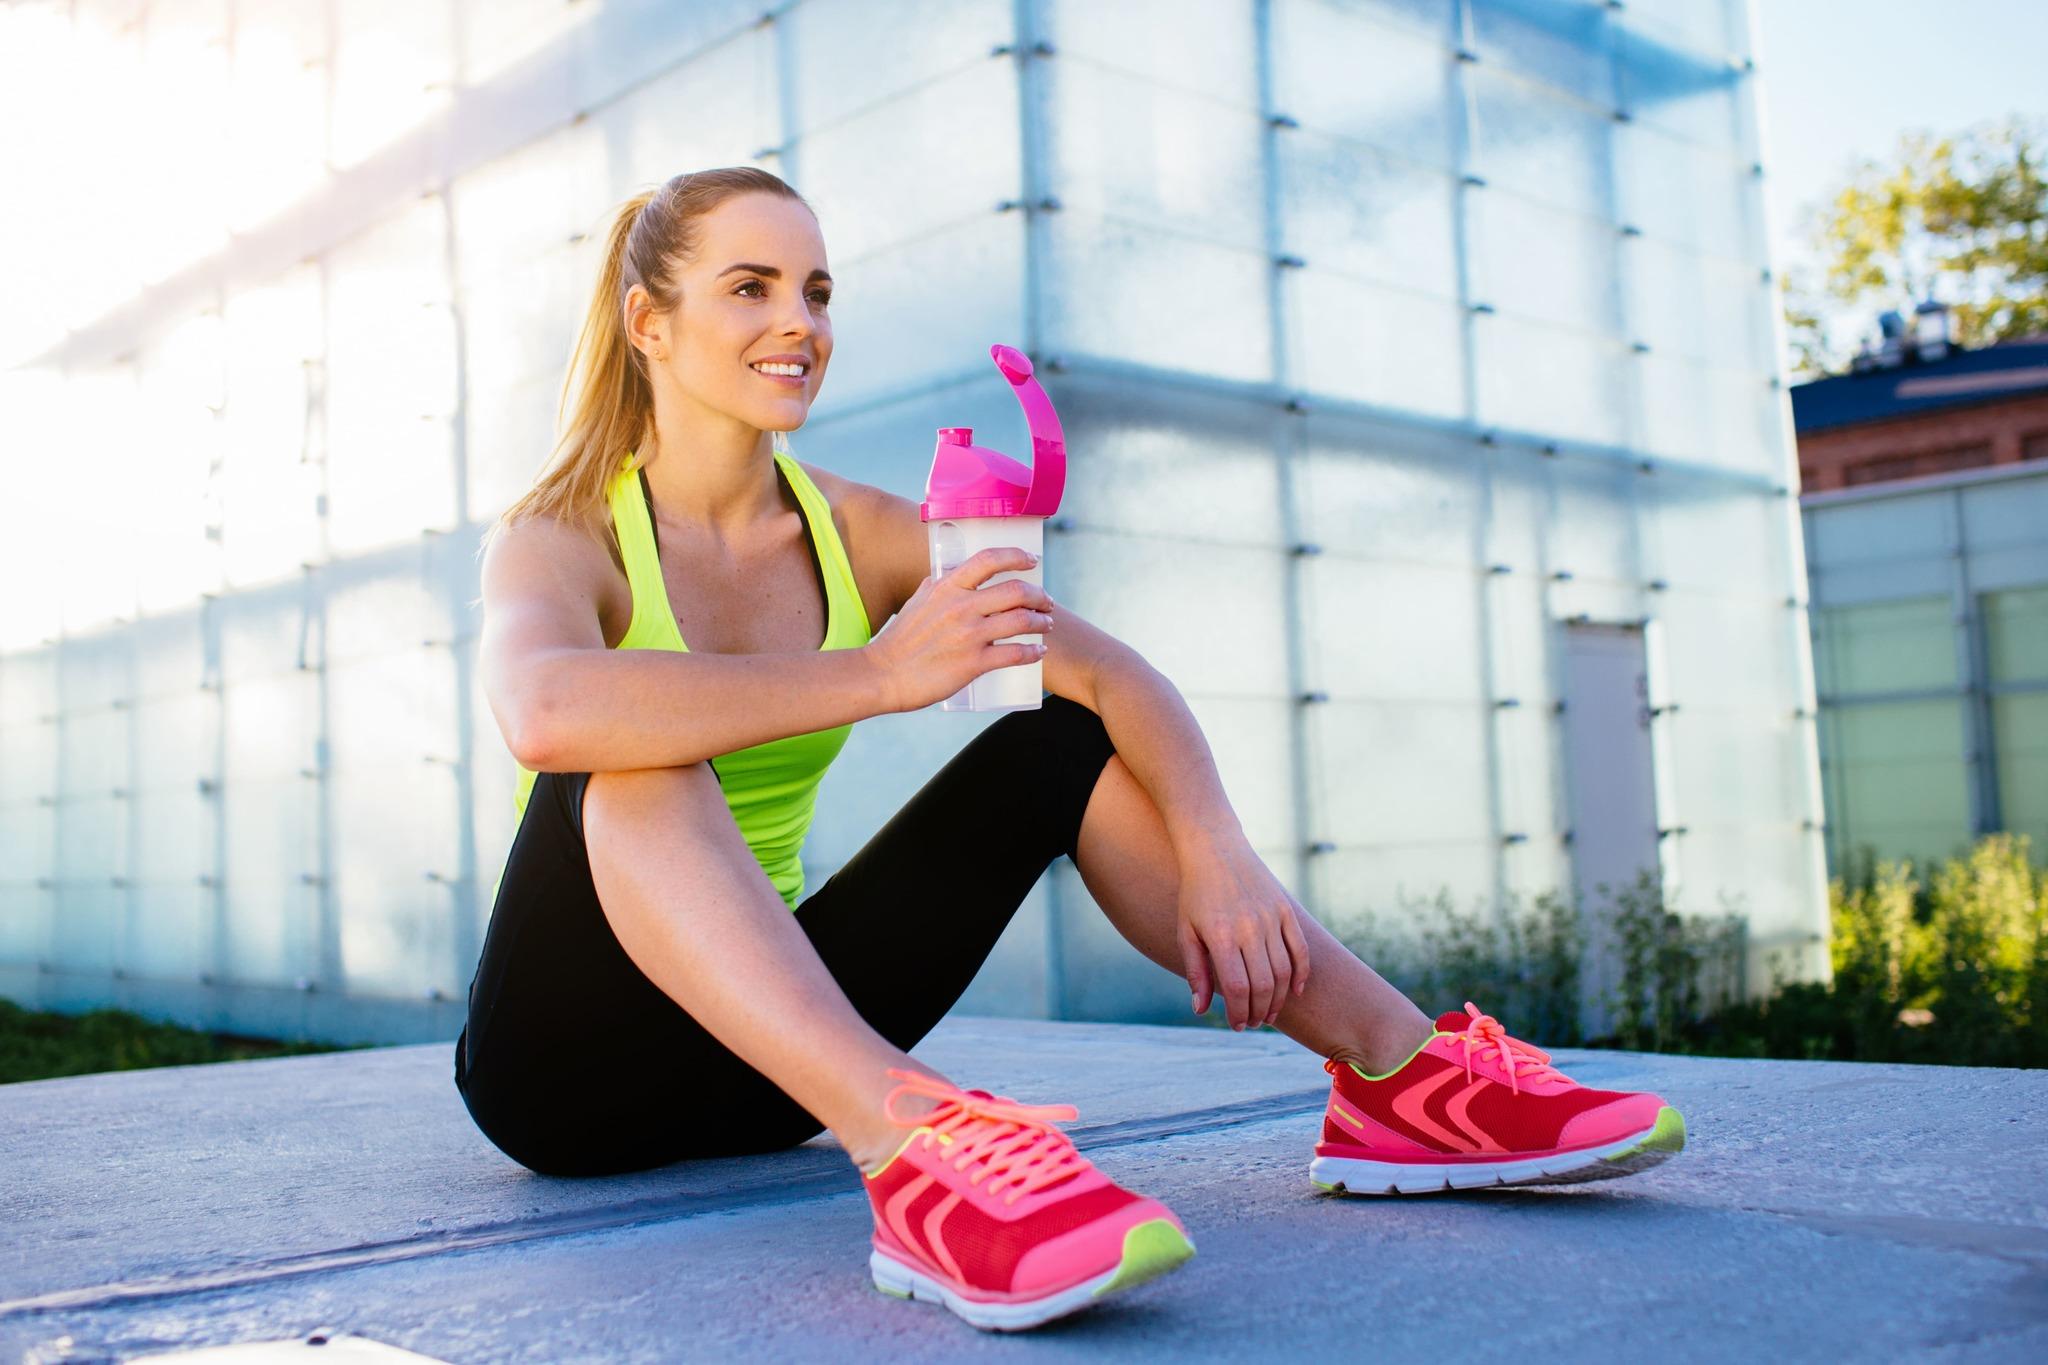 Alimentación y cuerpo sano con Dorsia